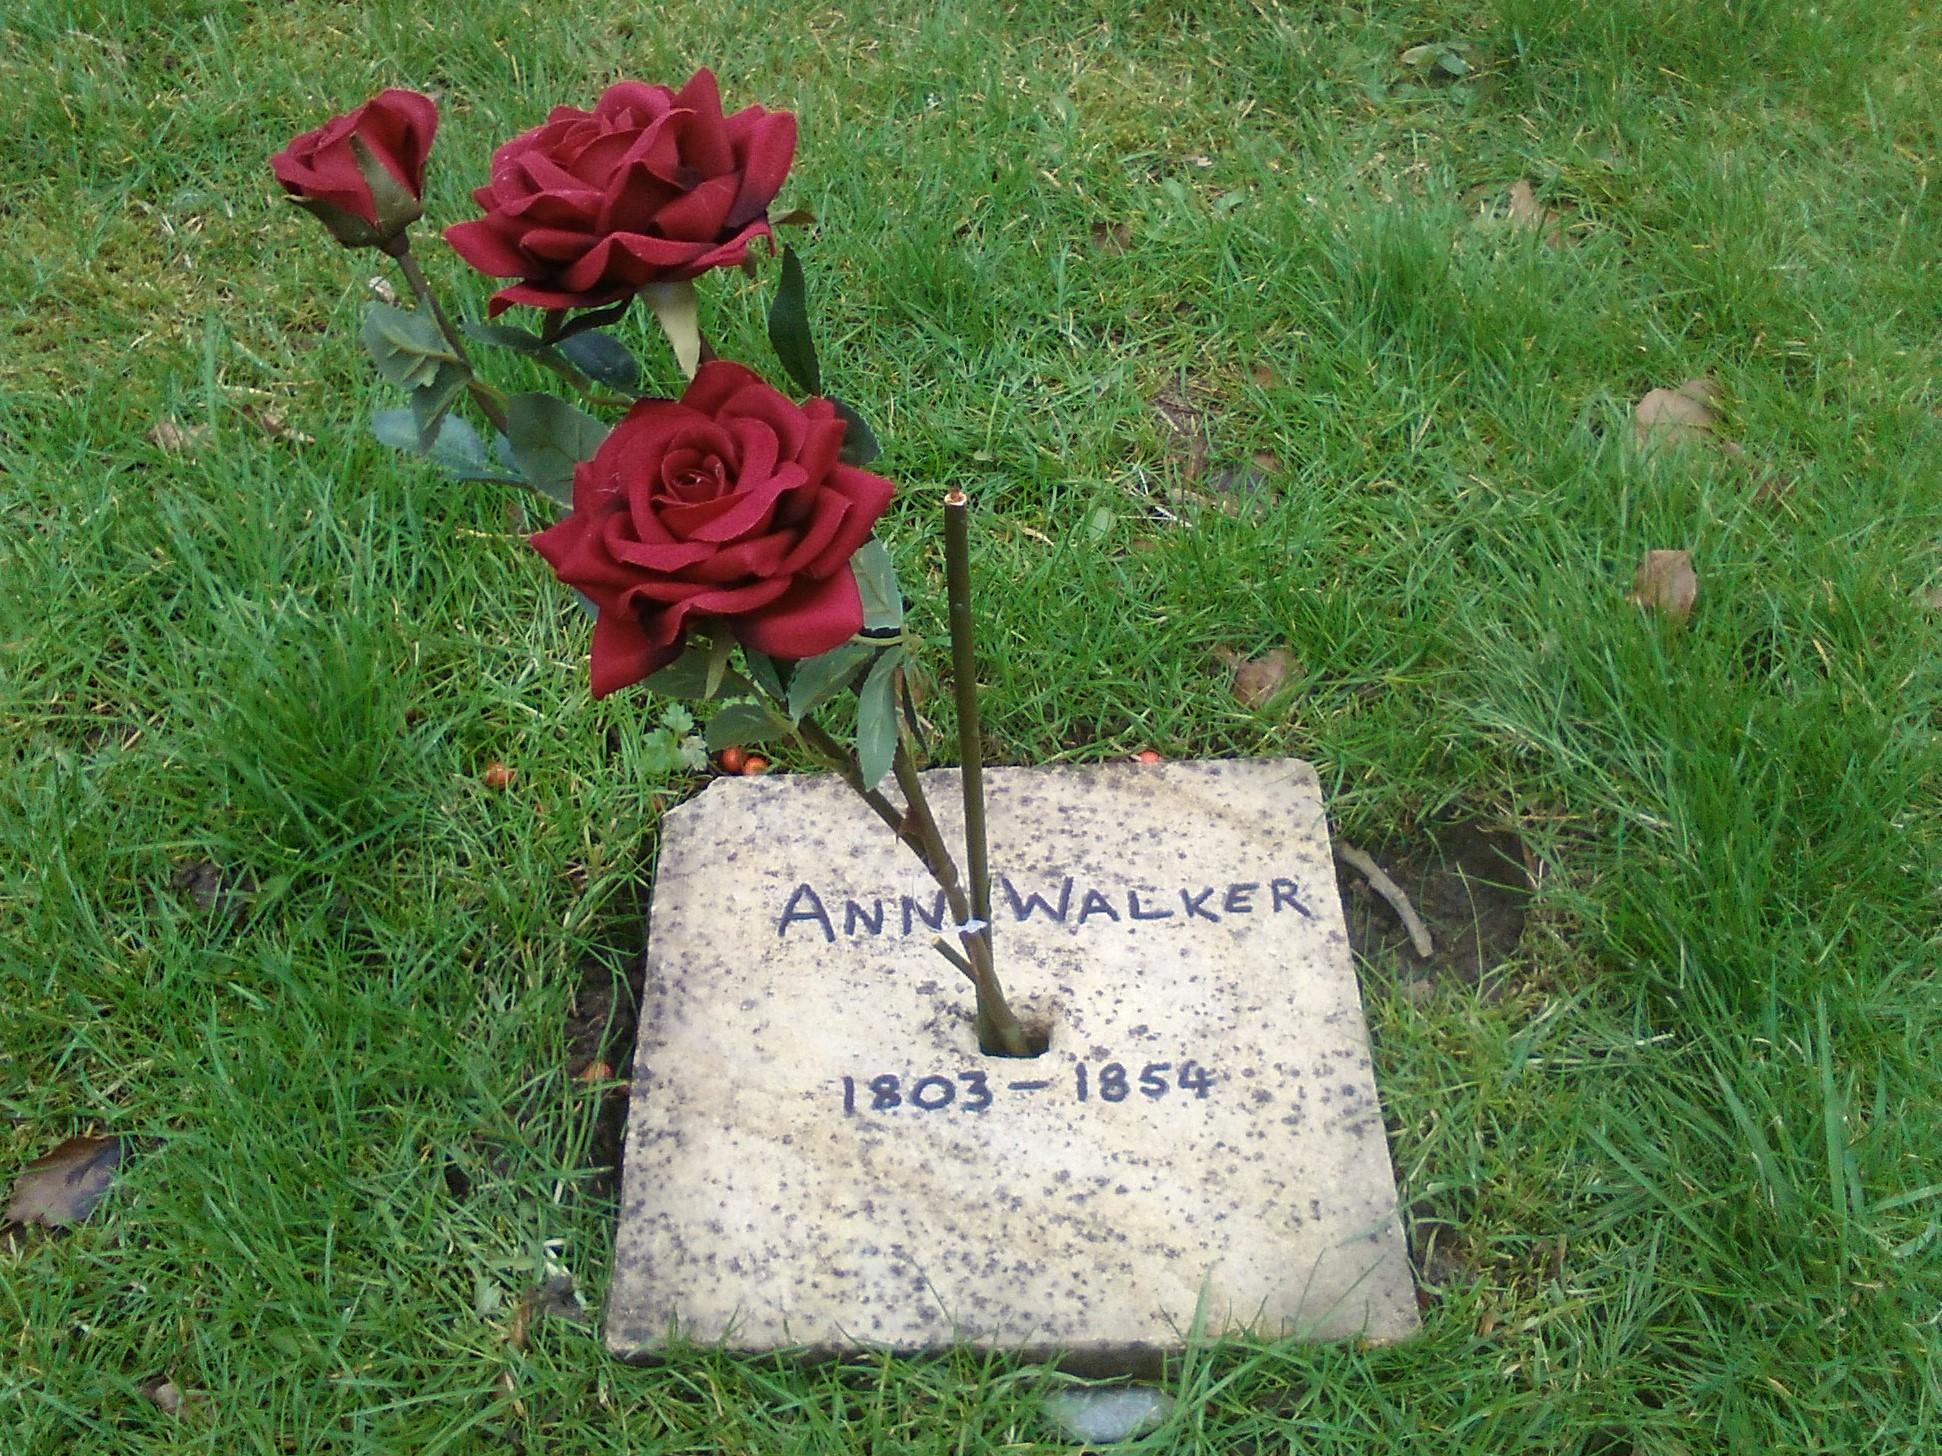 Ann Walker memorial